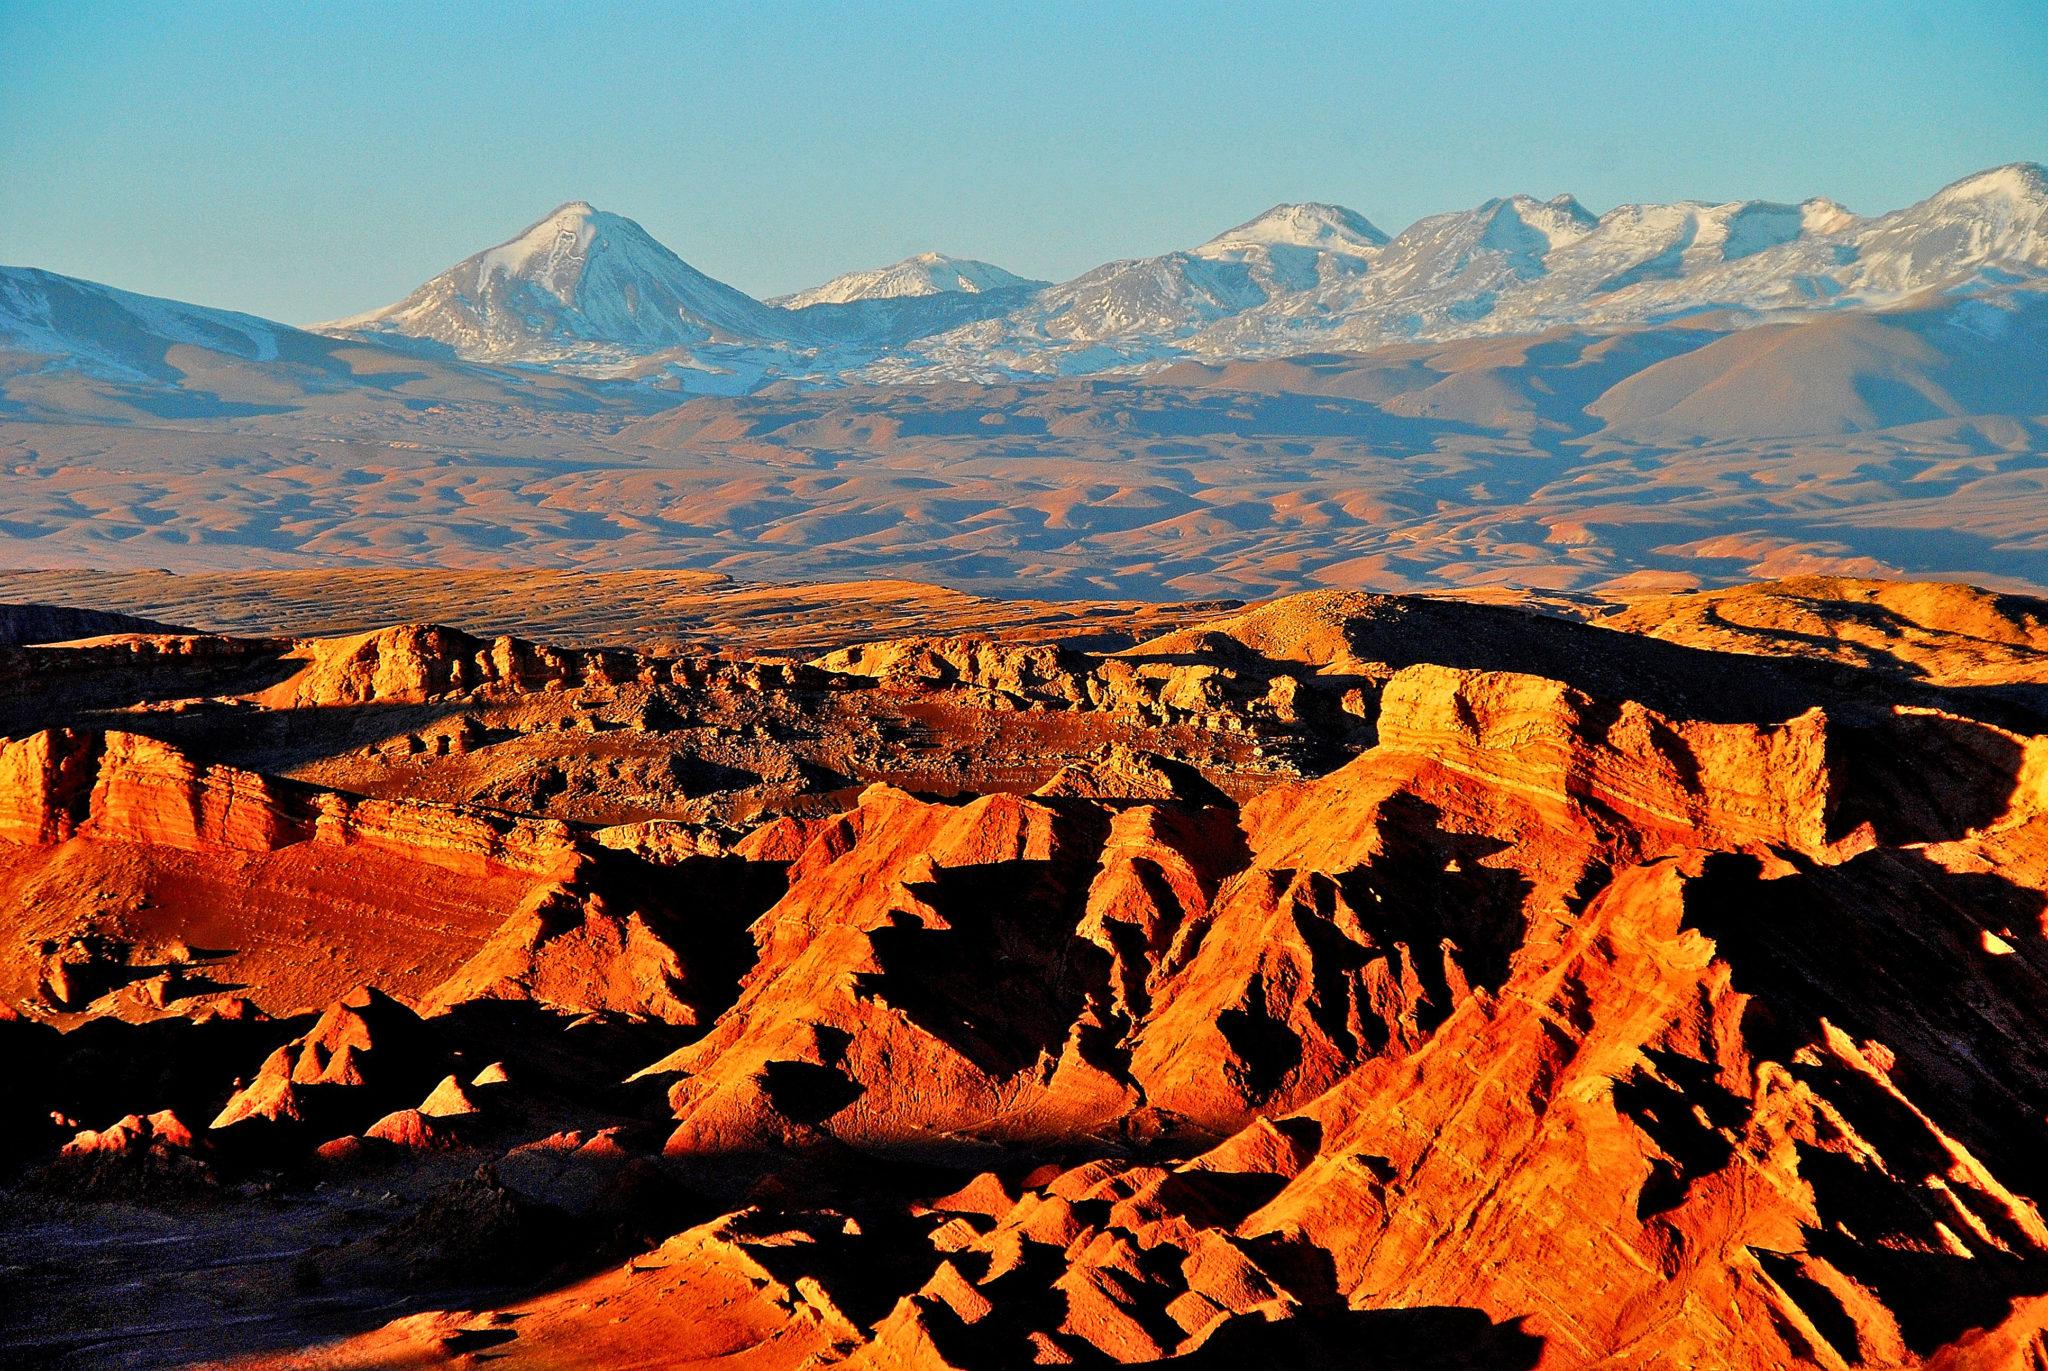 visiter le nord du chili : vallée de la luna